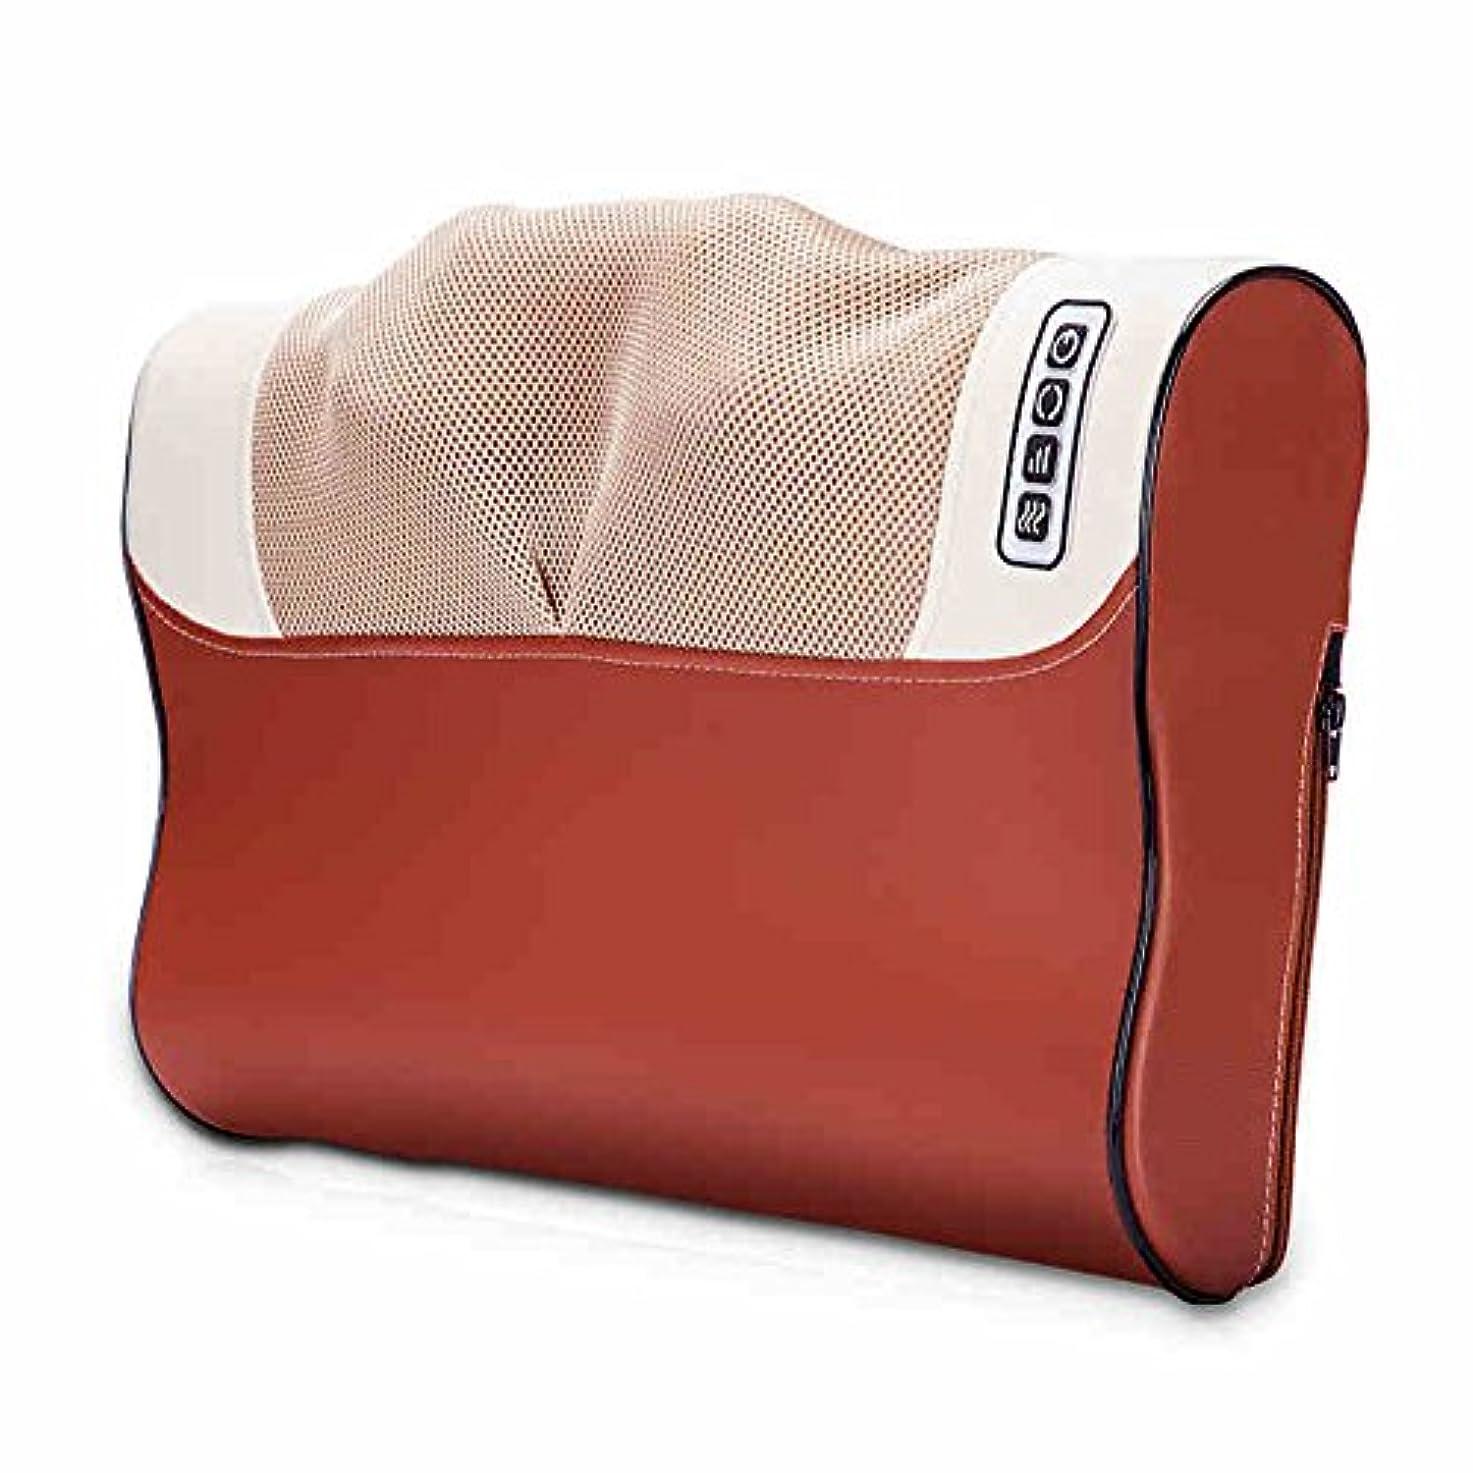 テクニカル程度休眠HAIZHEN マッサージチェア フルボディマッサージ器電動指圧指圧混じり指圧ローリングホットパックリウマチの痛みを解消する頭の血液循環を促進する